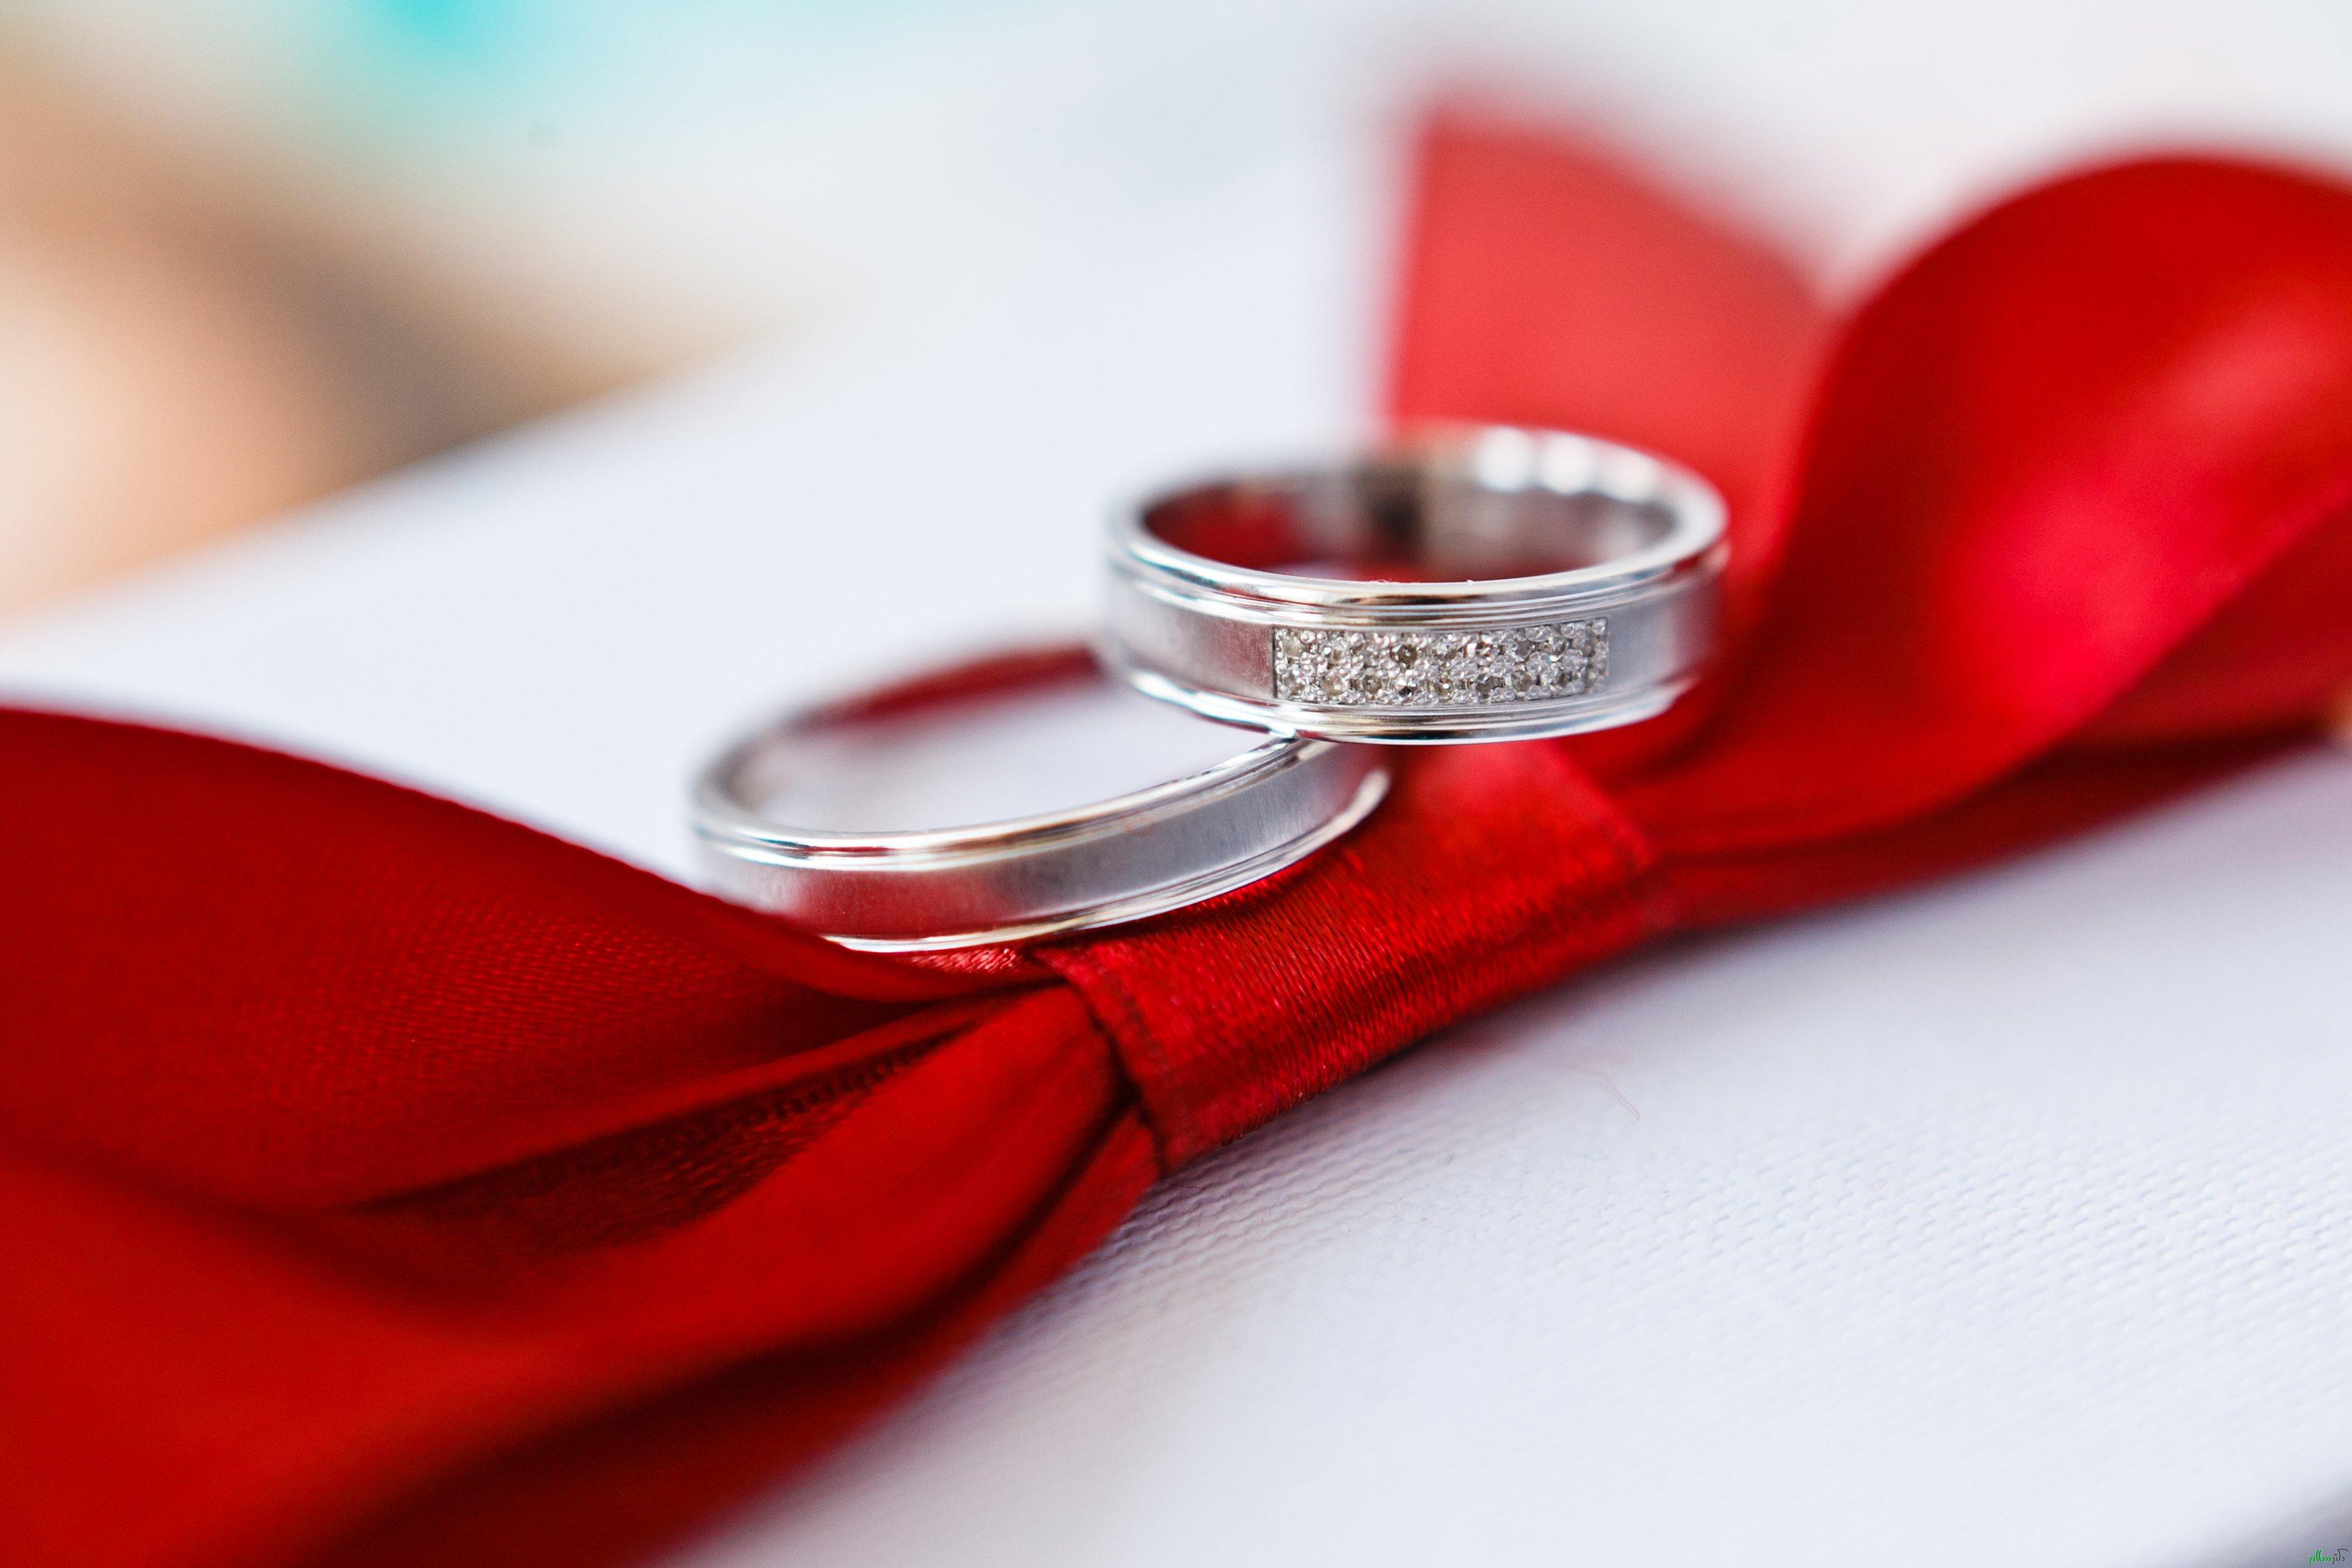 باشگاه خبرنگاران -جدیدترین آمار ازدواج و طلاق در کشور+ اینفوگرافیک